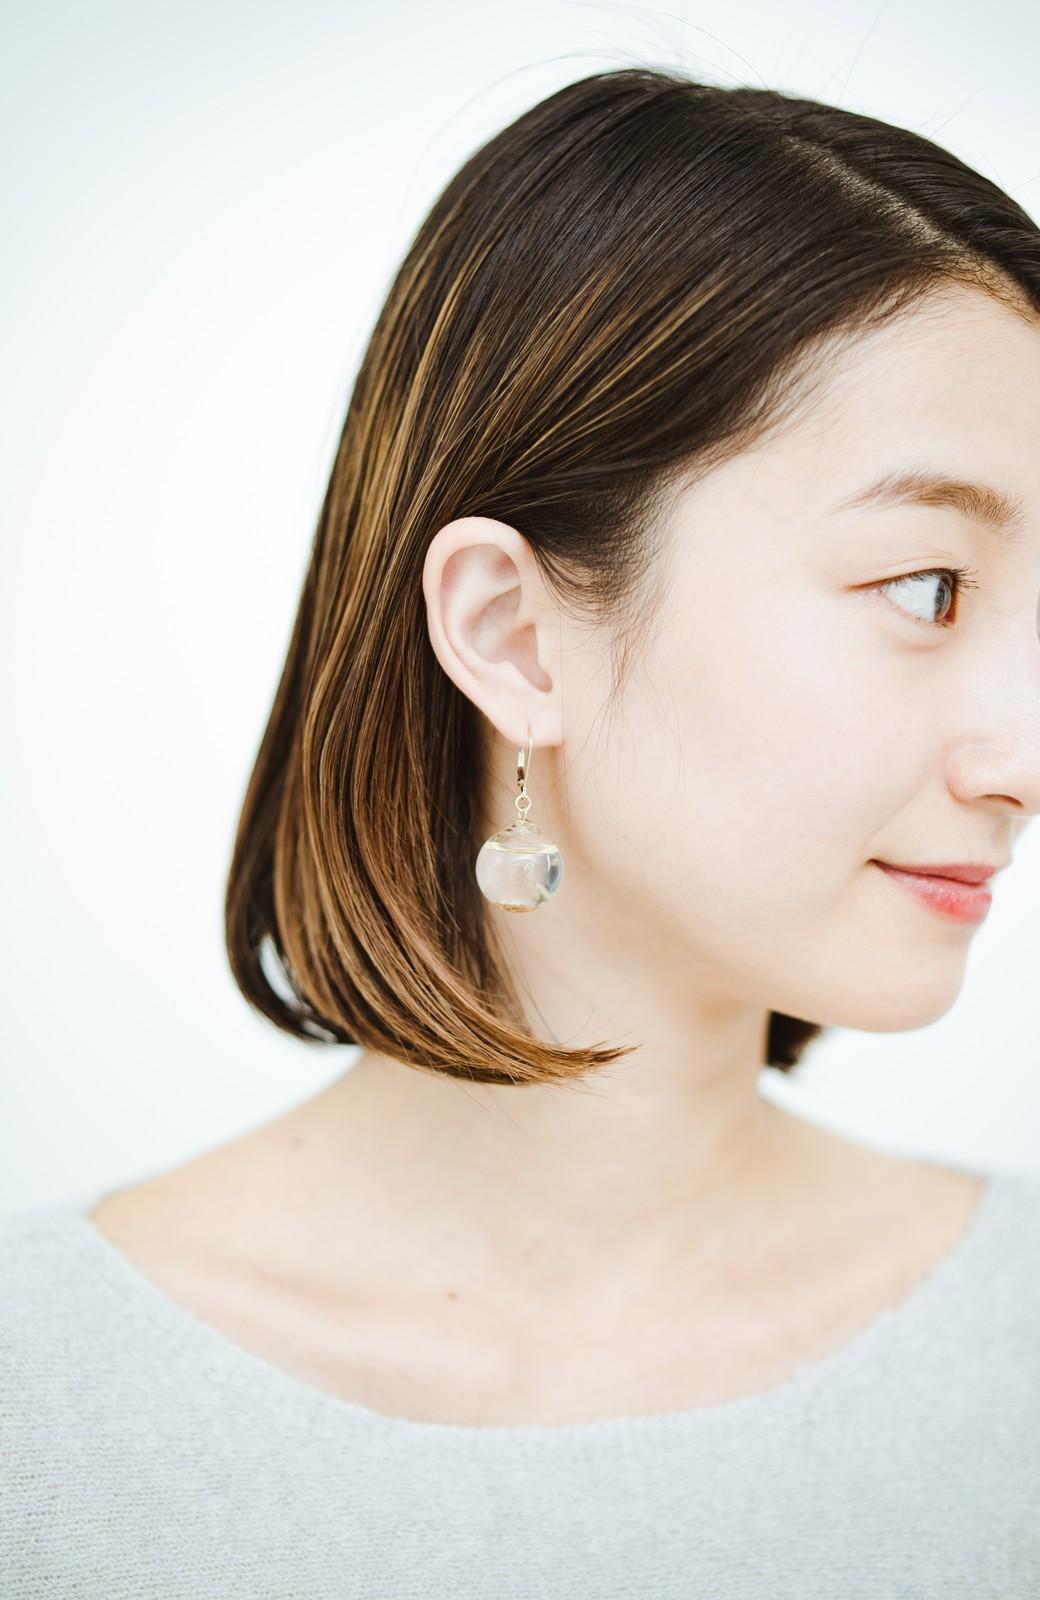 haco! てとひとて KANA MATSUNAMI チャリティー企画 Glass dome  French hookピアス <ゴールド>の商品写真7